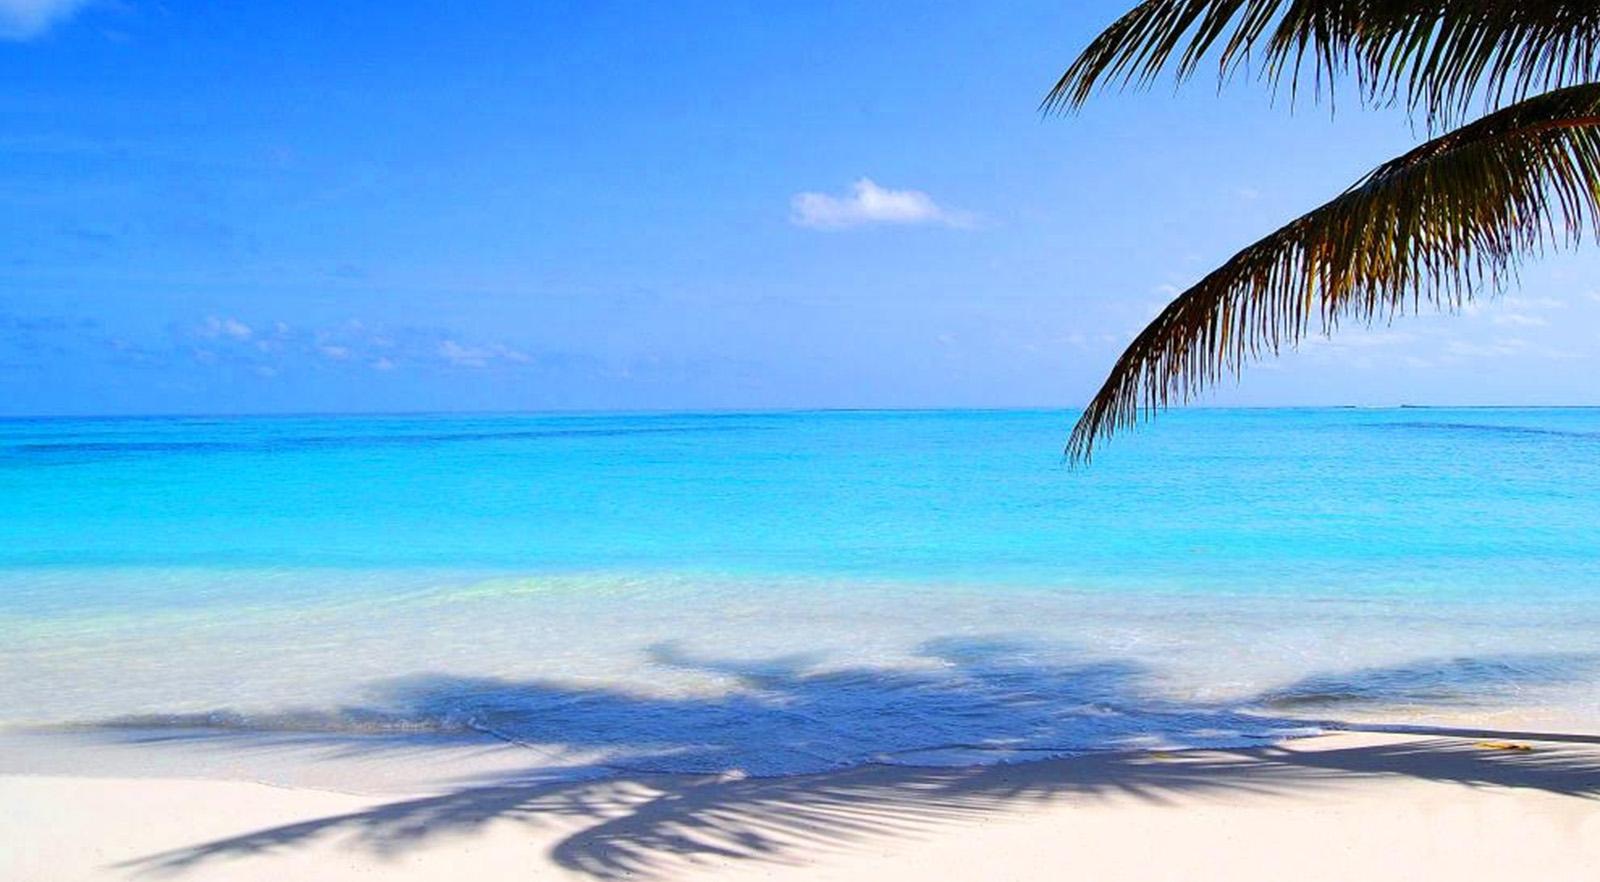 viajes maldivas 2